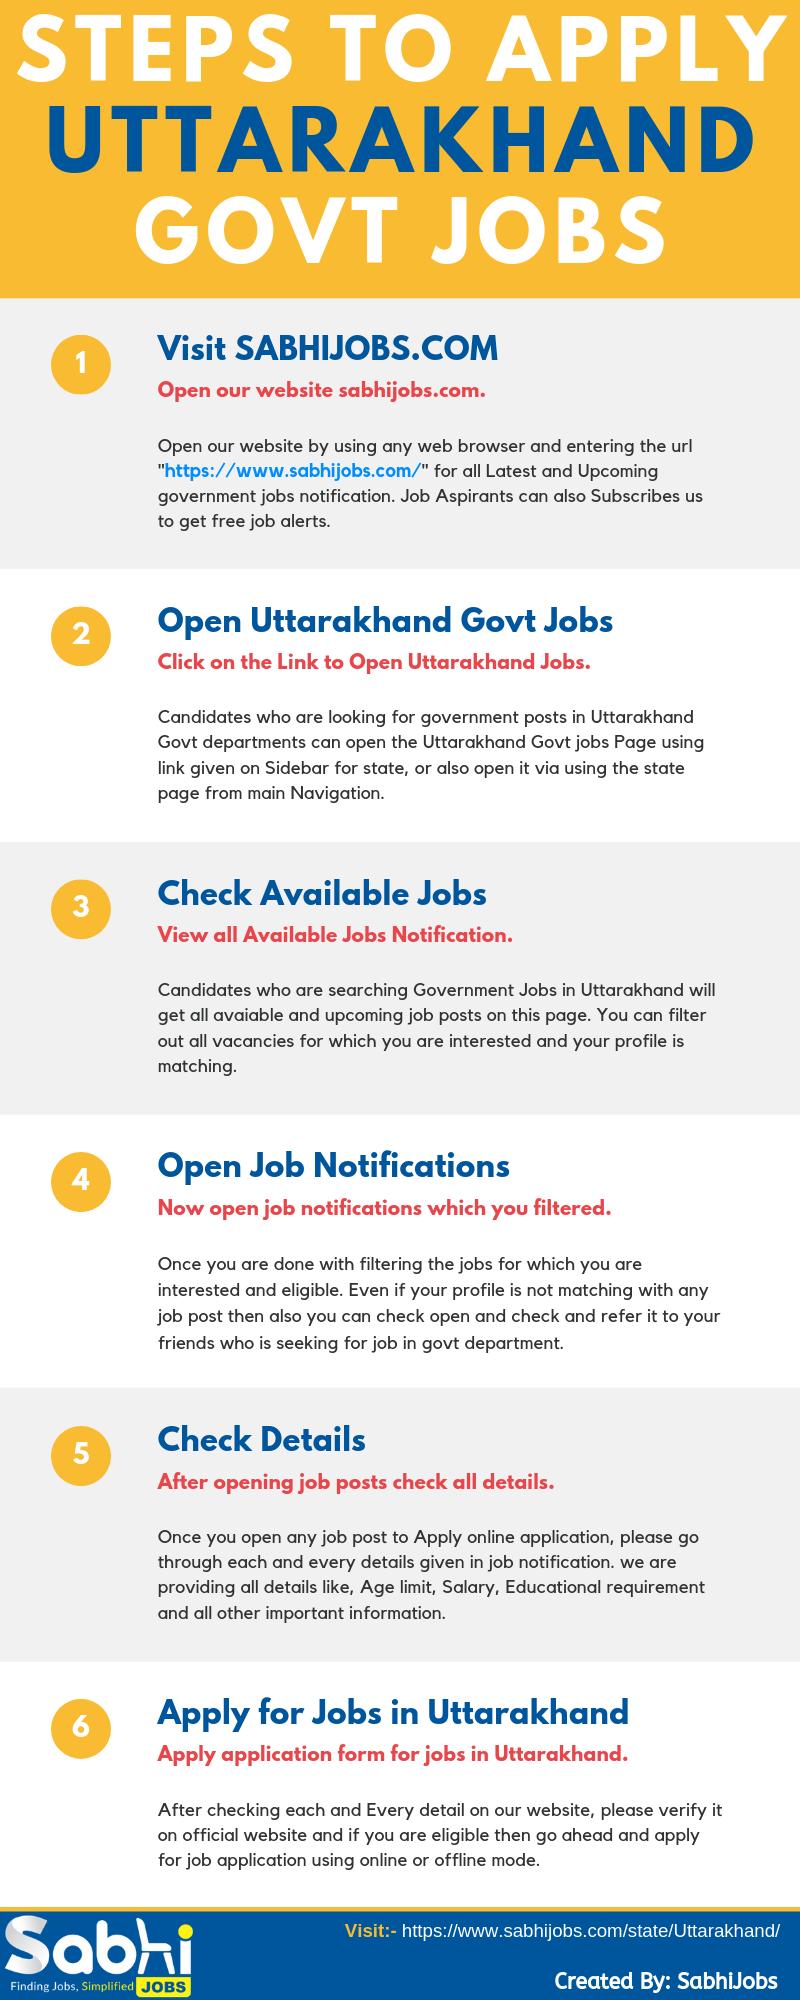 Government jobs in Uttarakhand